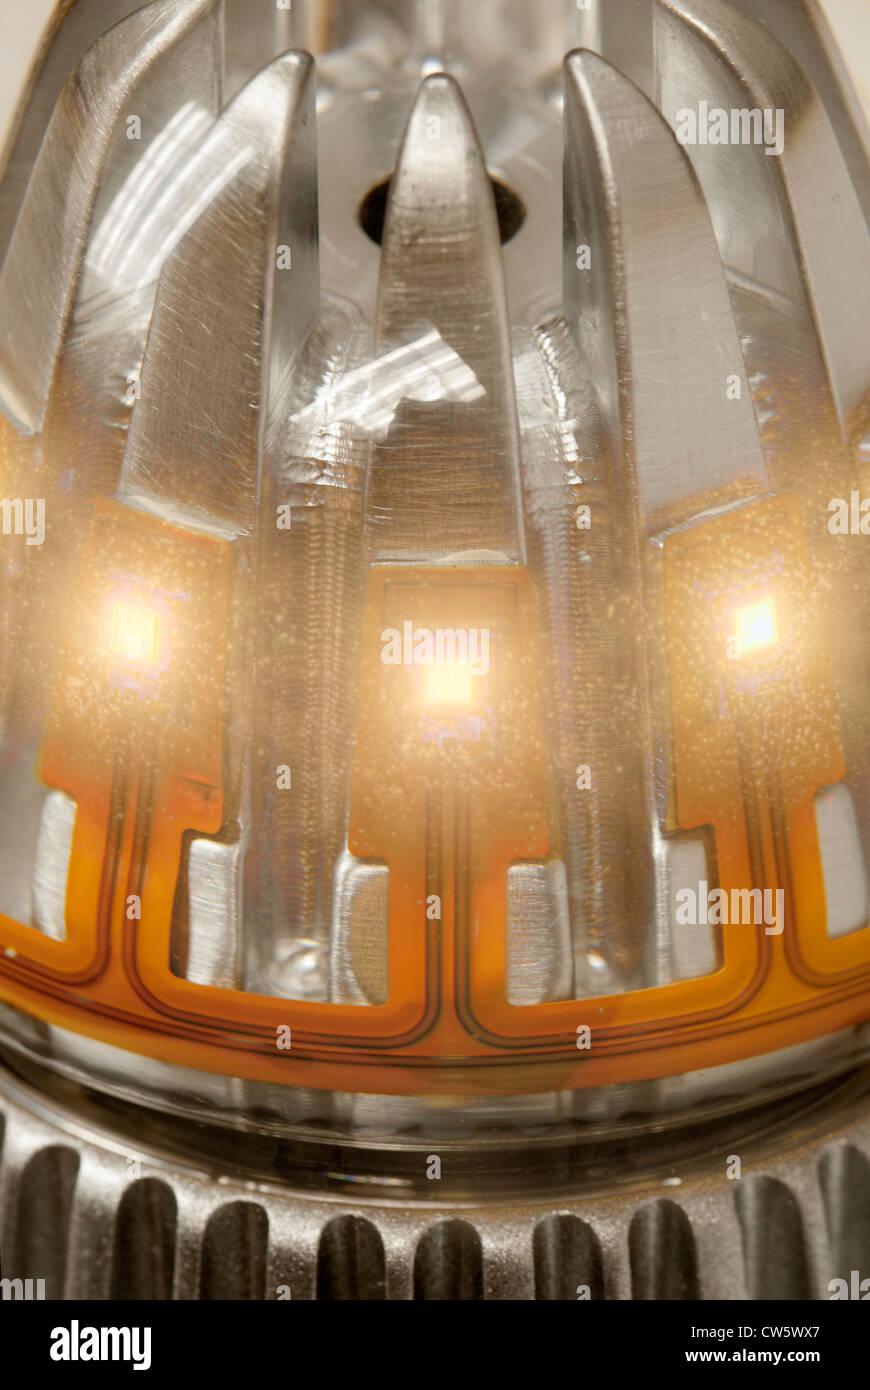 Wechseln Sie LED-Glühbirne, Schalter Lab, San Jose Kalifornien Stockbild